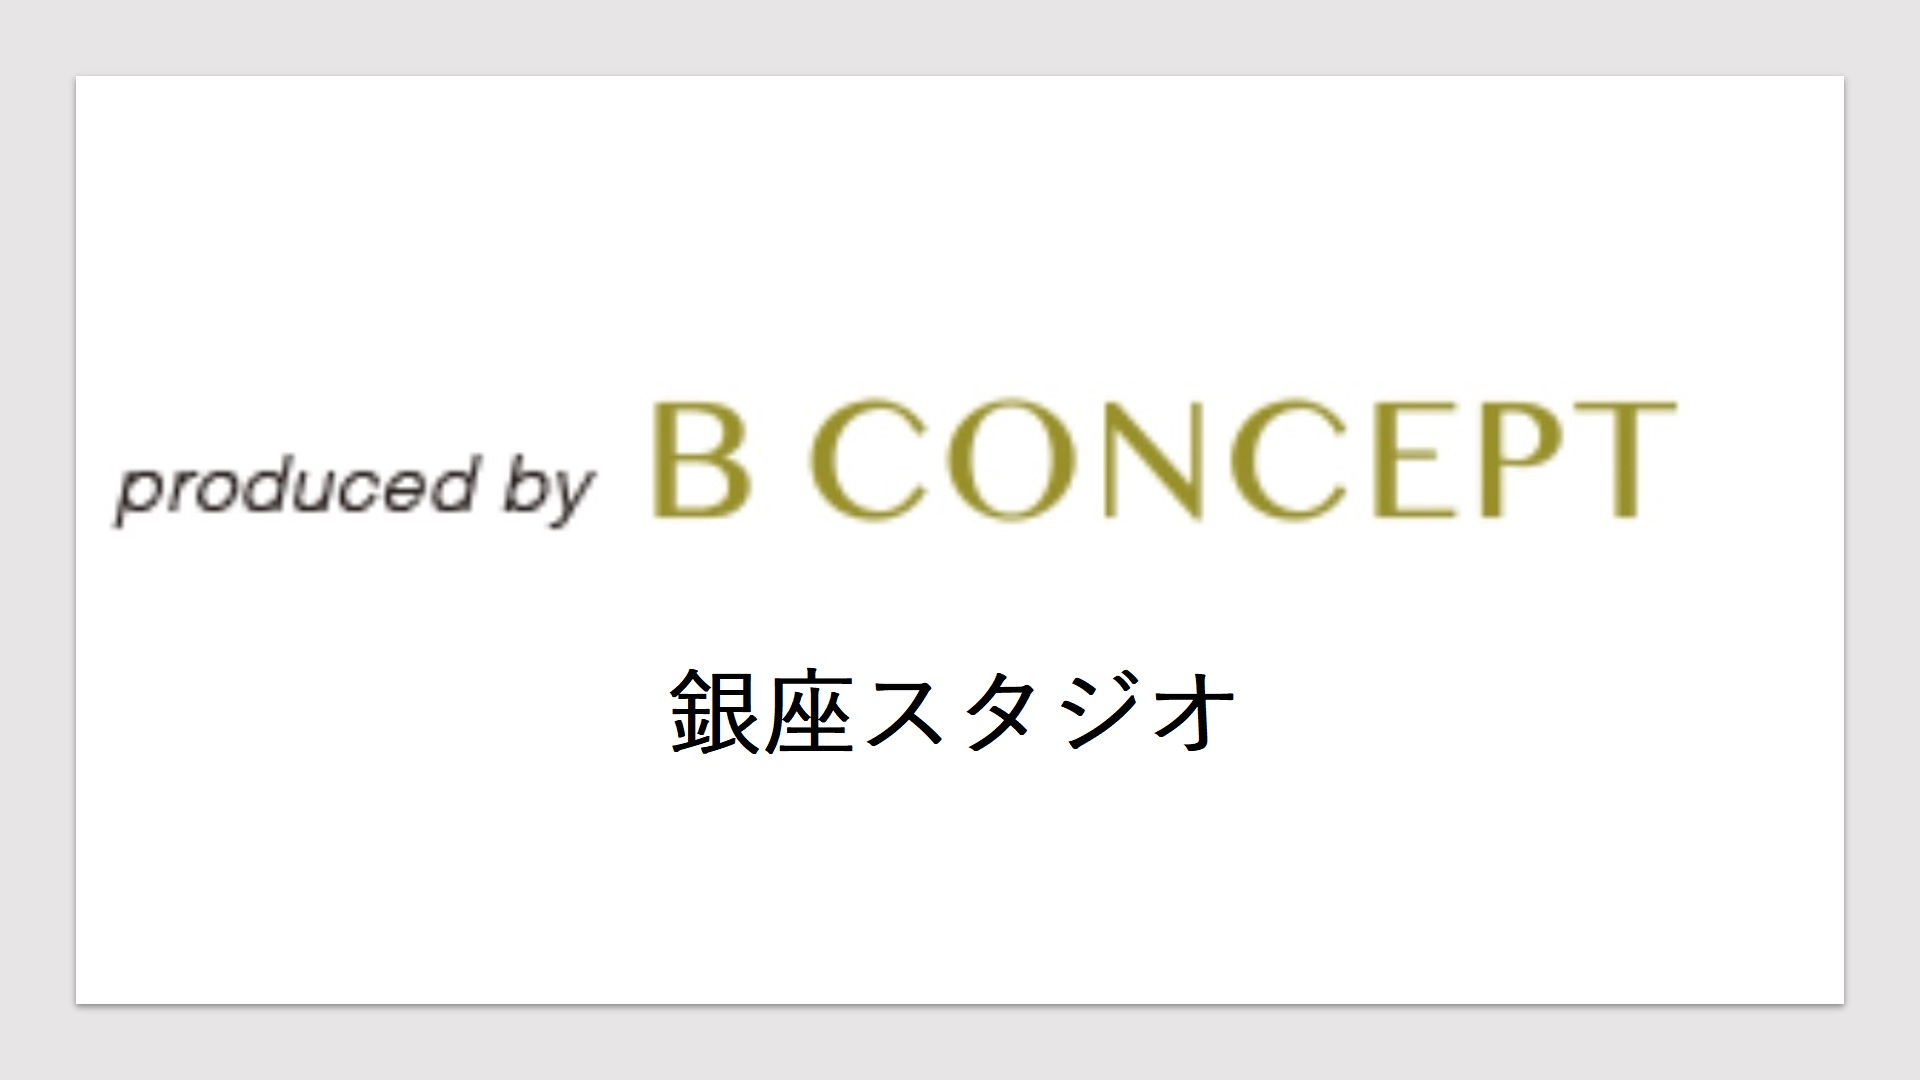 ビーコンセプト(銀座スタジオ)